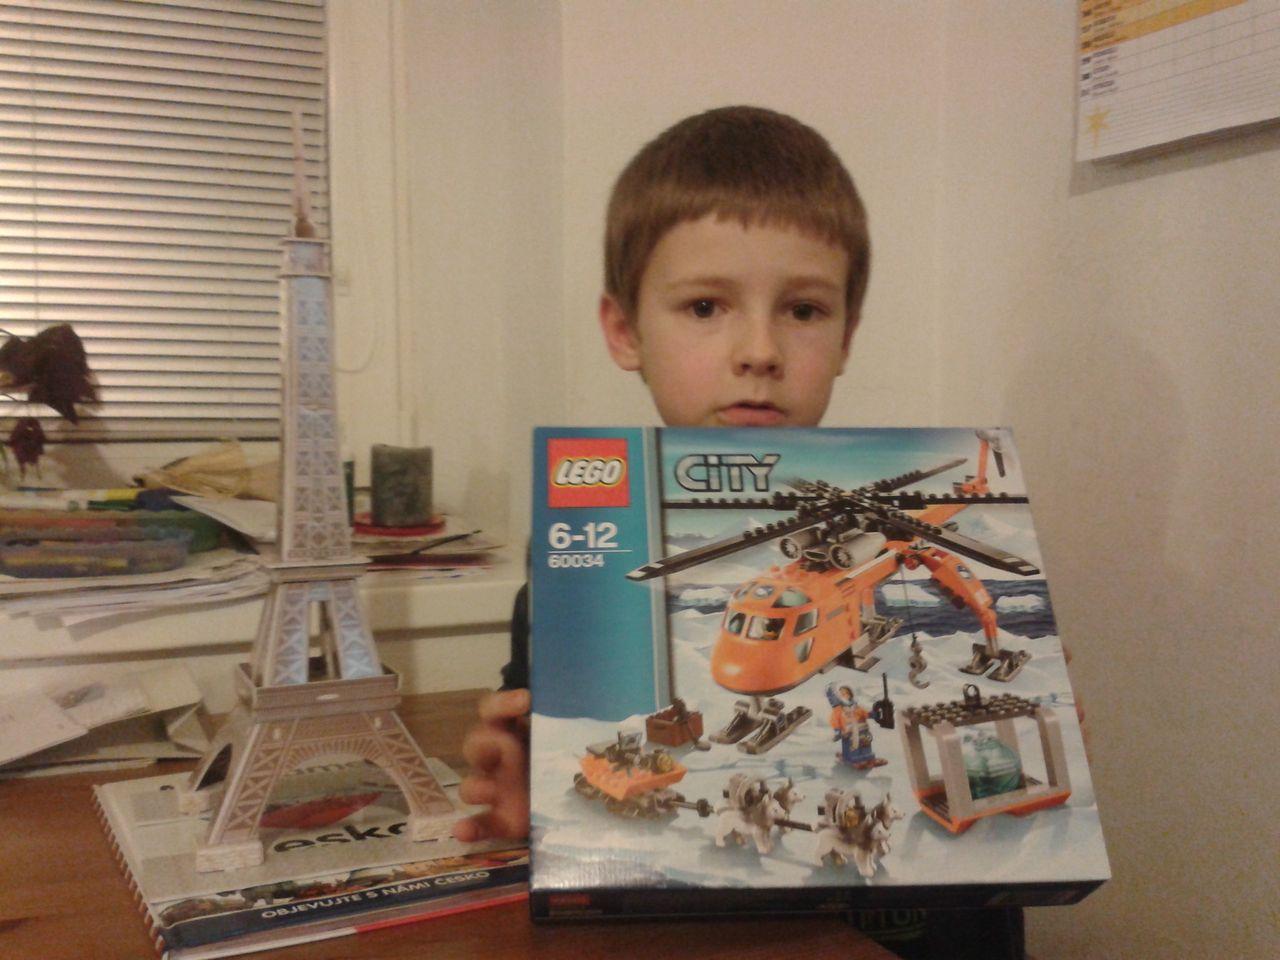 A taky Lego